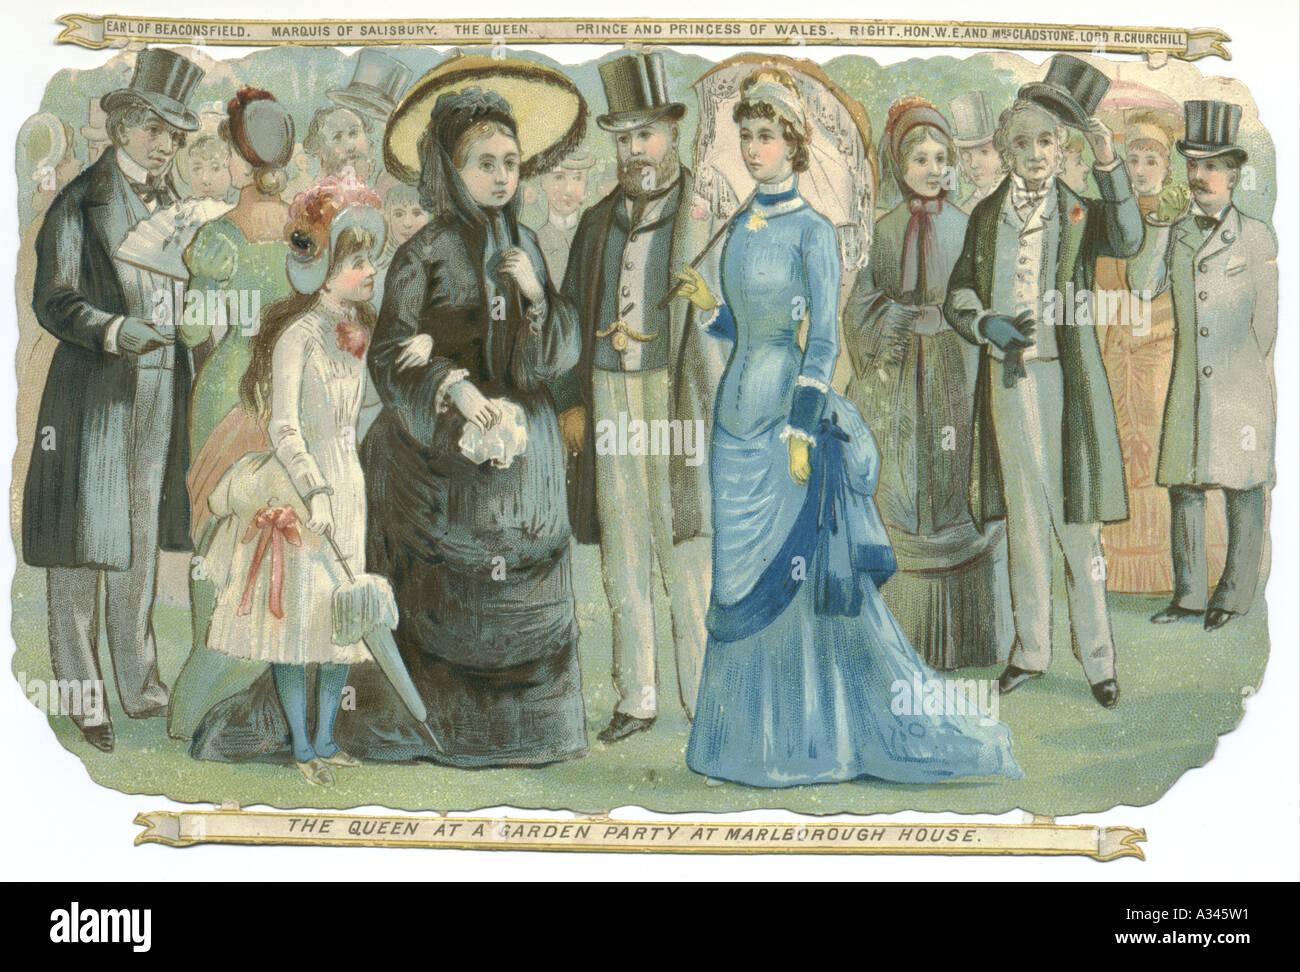 Queen Victoria at a Garden Party, Marlborough House, circa 1880 - Stock Image